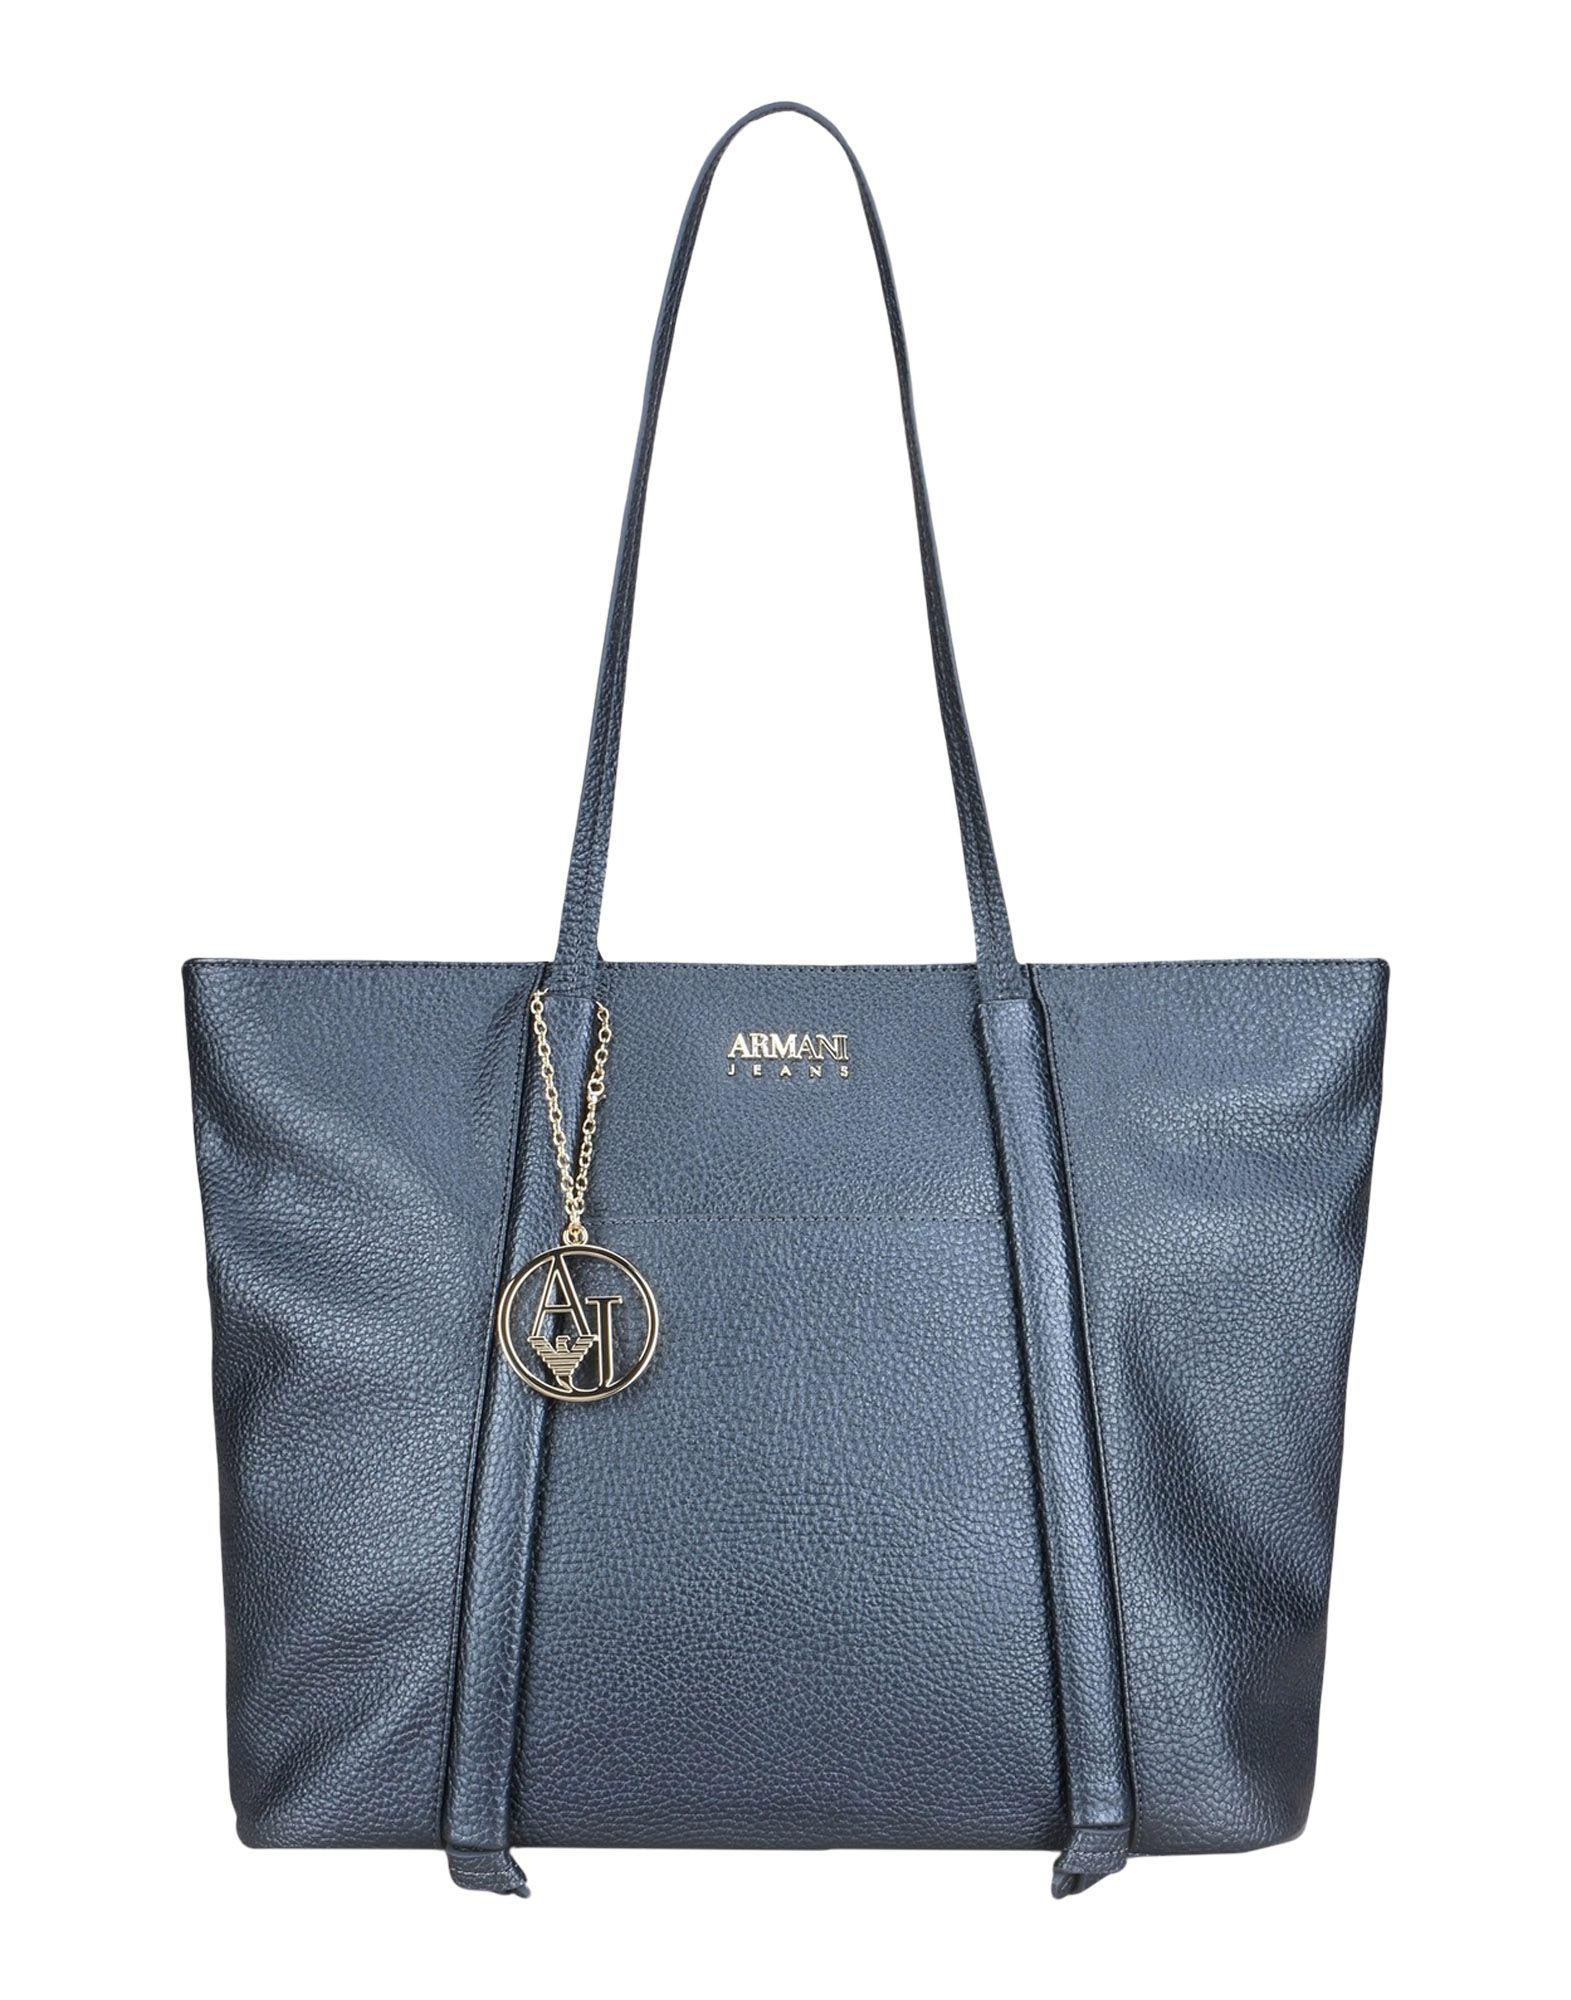 Armani Jeans Handbags In Dark Blue  0bfe85e0e0f16